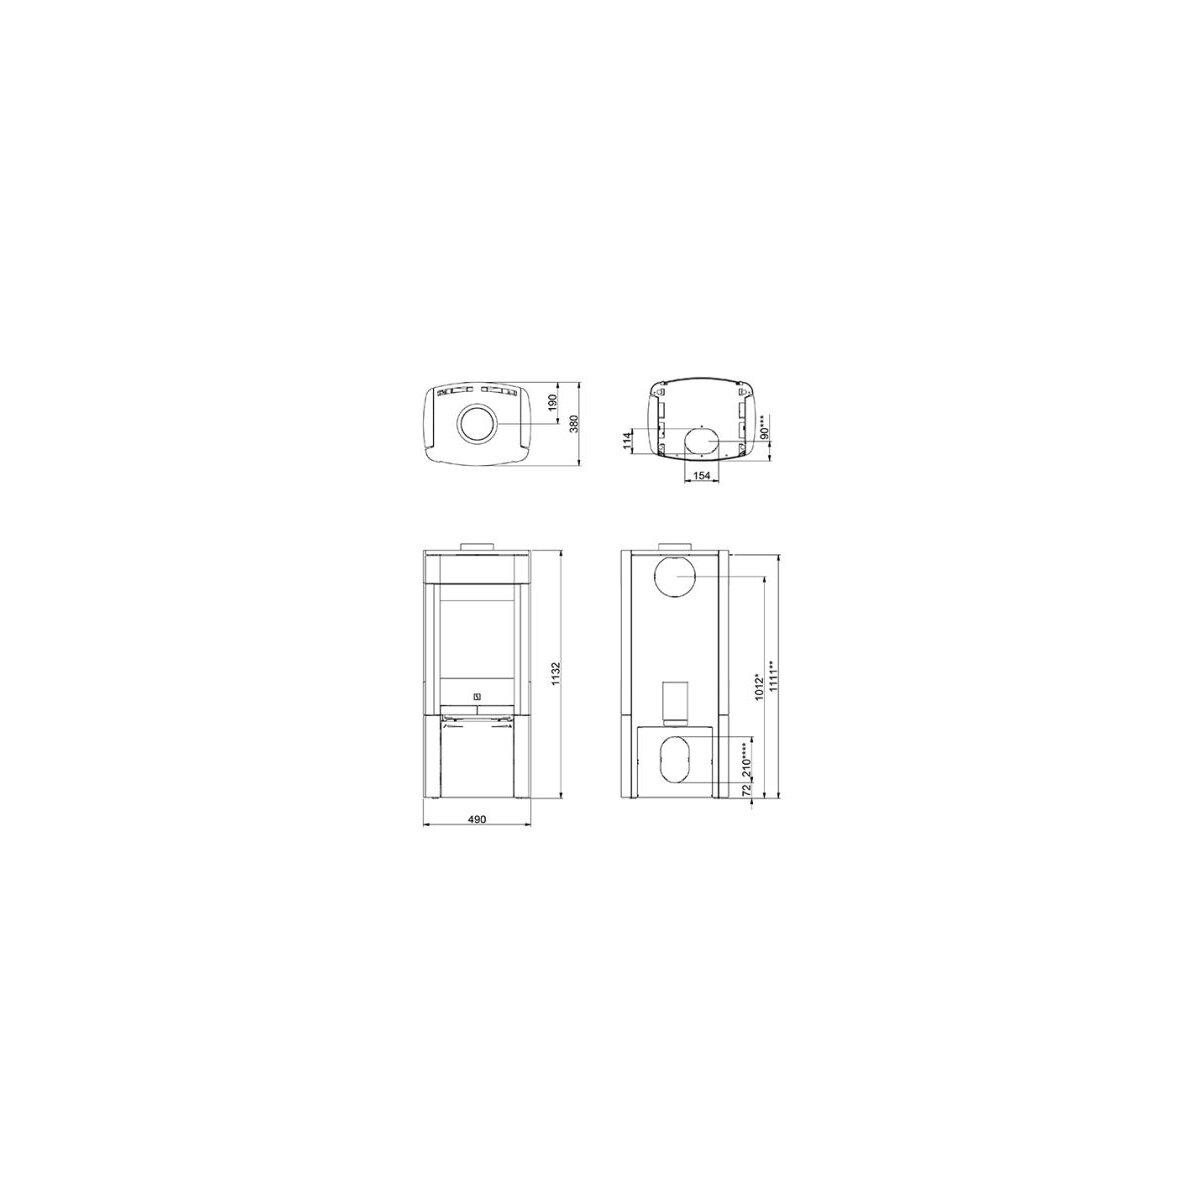 kaminofen scan 65 4 naturstein mit seitenfenster 6 kw. Black Bedroom Furniture Sets. Home Design Ideas